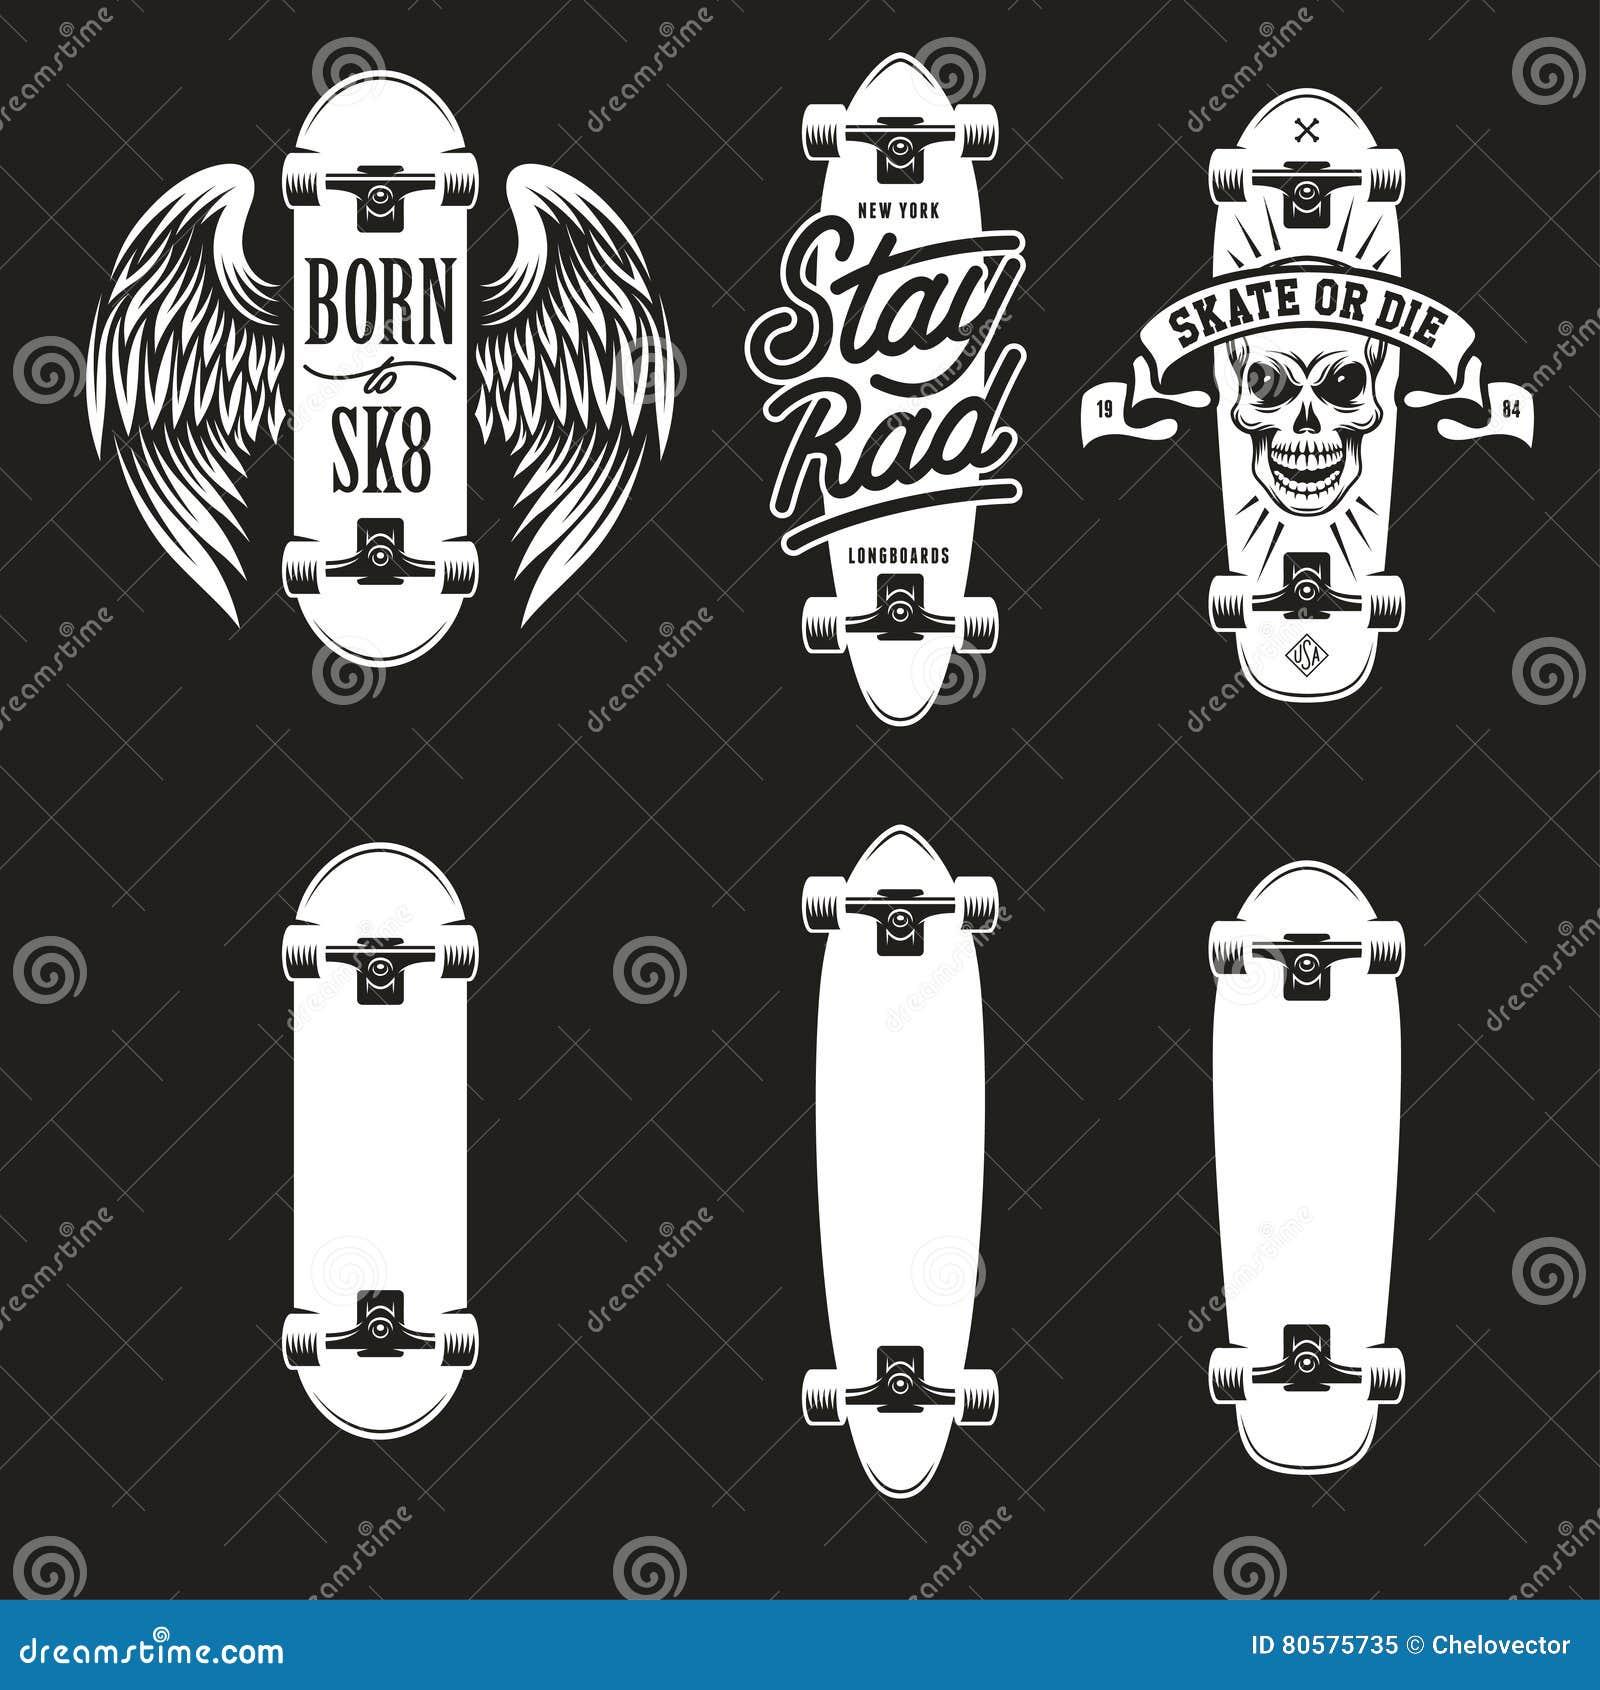 Shirt design types - Skateboarding T Shirt Design Set Quotes About Skating Vector Vintage Illustration